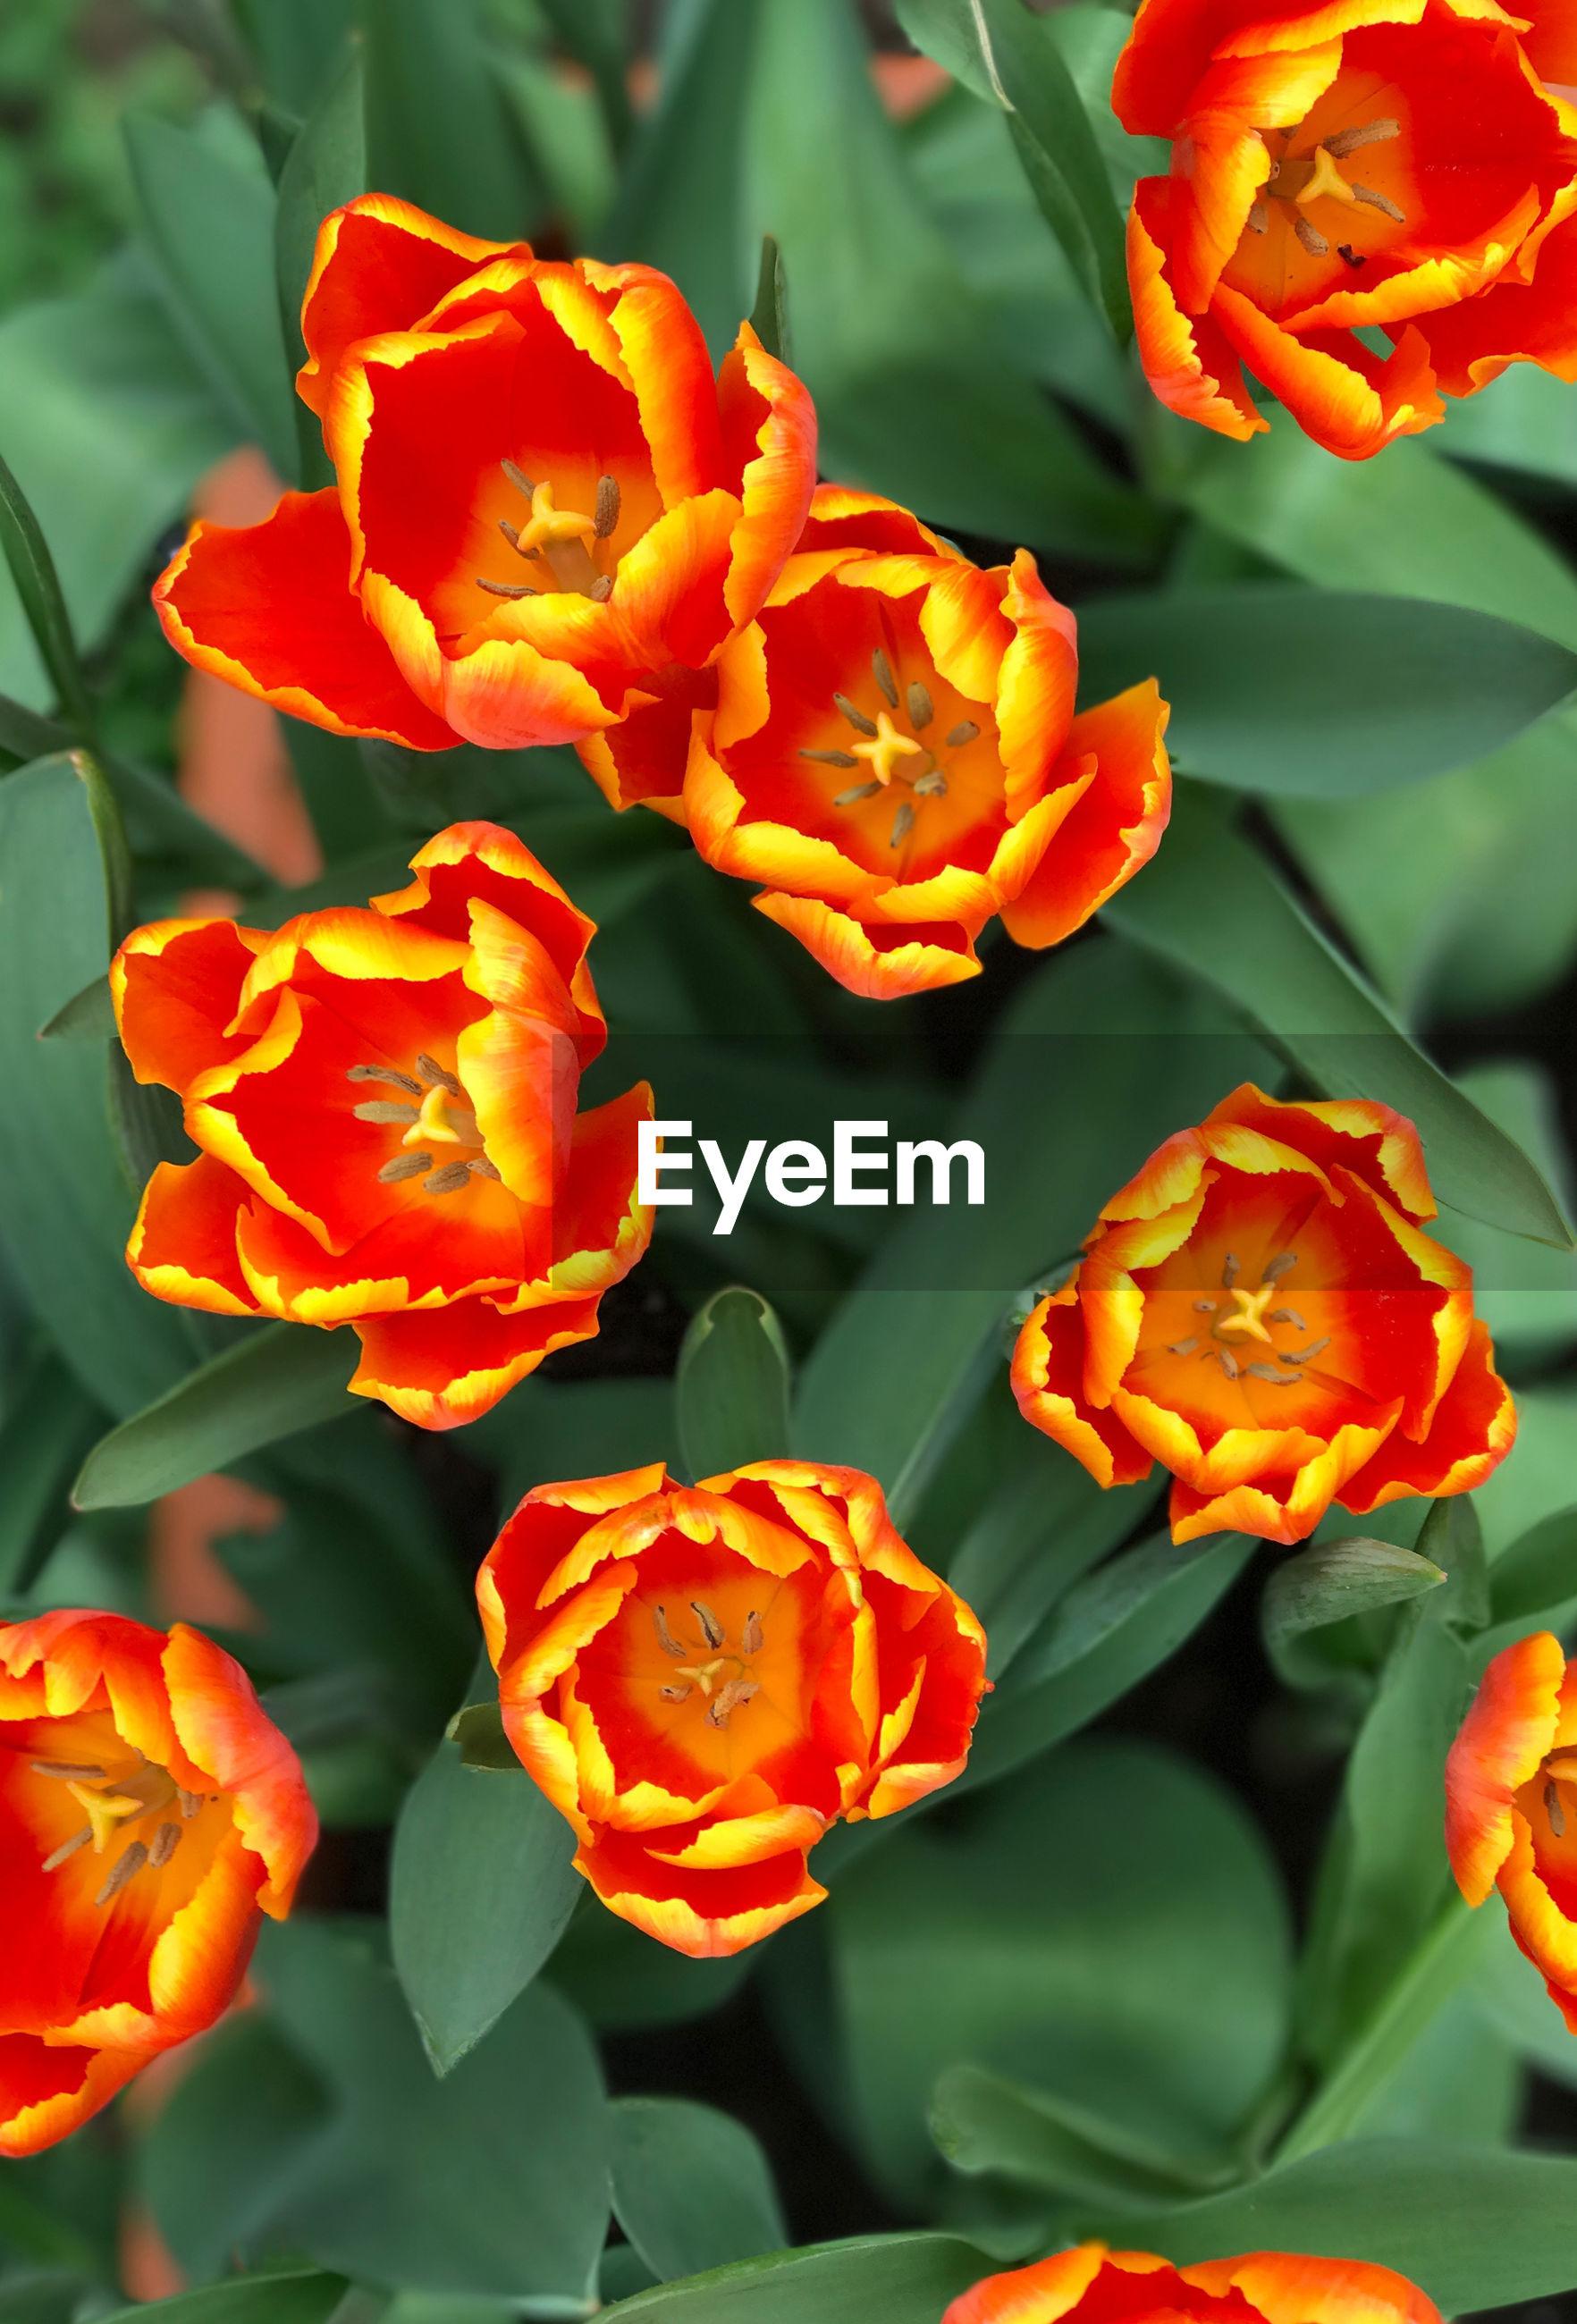 ORANGE FLOWERS BLOOMING OUTDOORS